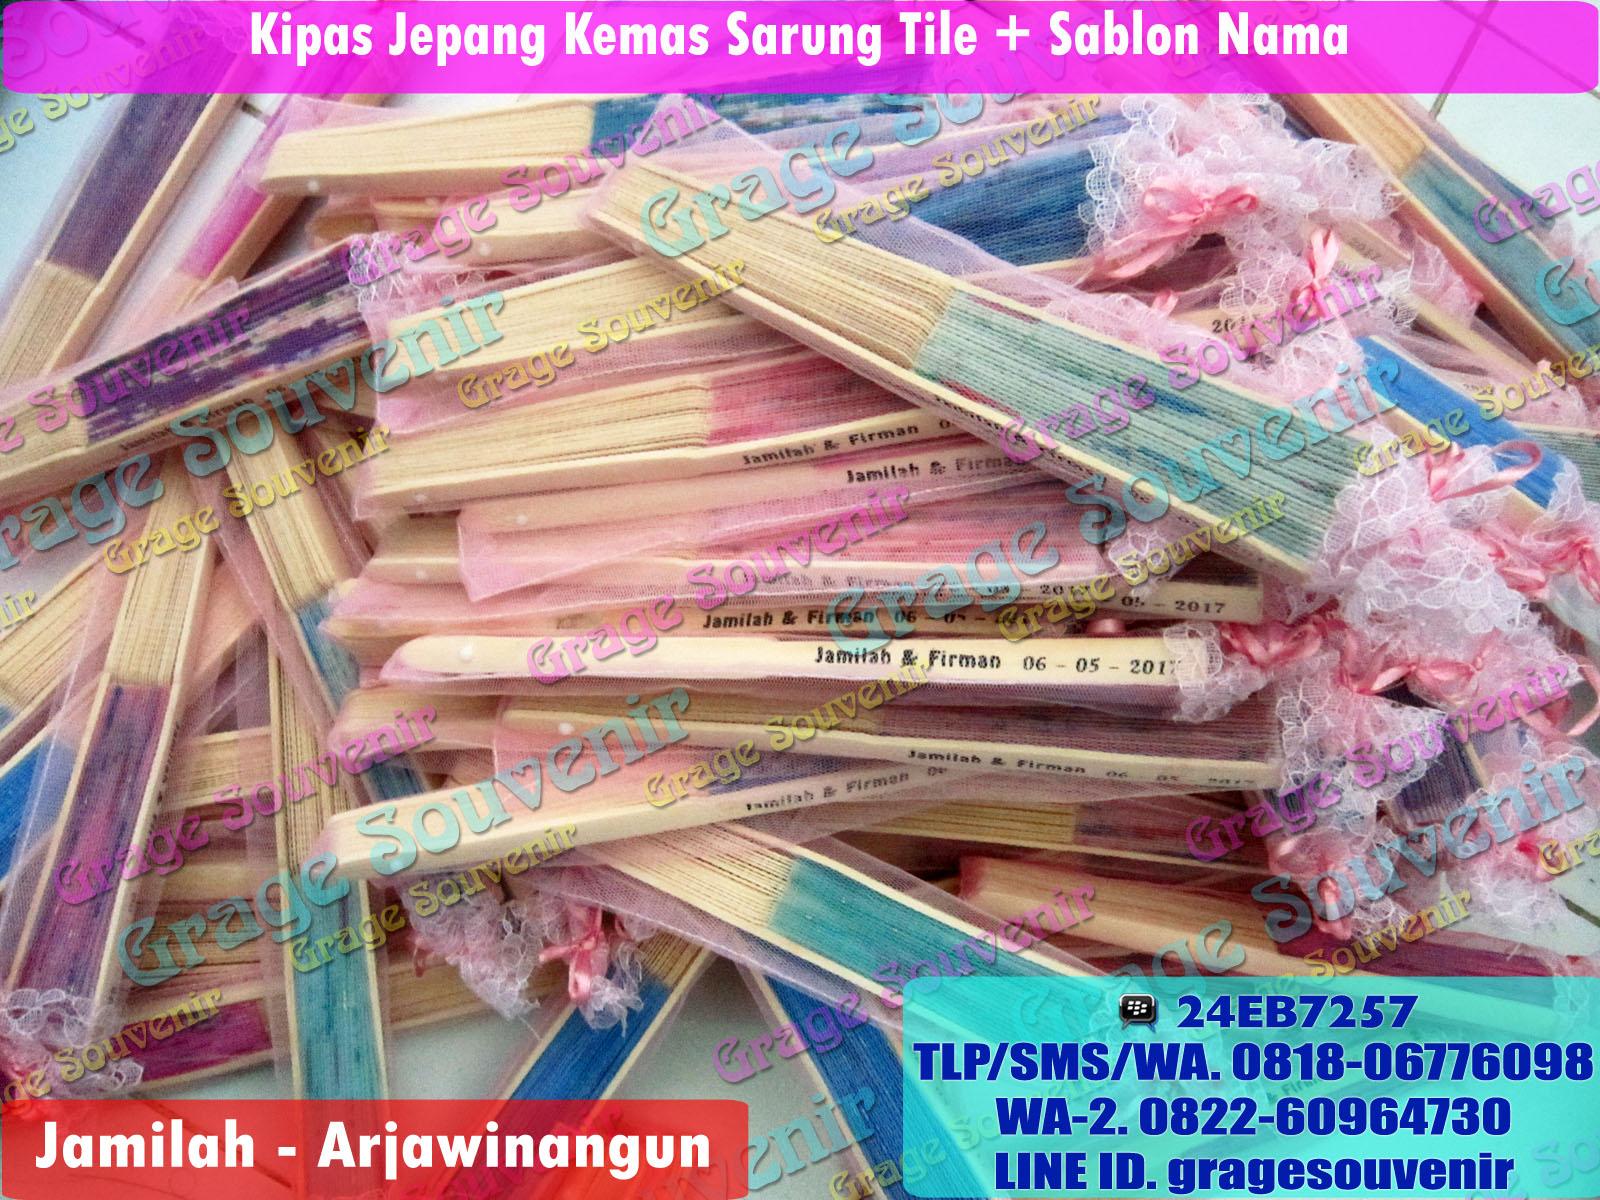 Jual Souvenir Kipas Arjawinangun - Cirebon